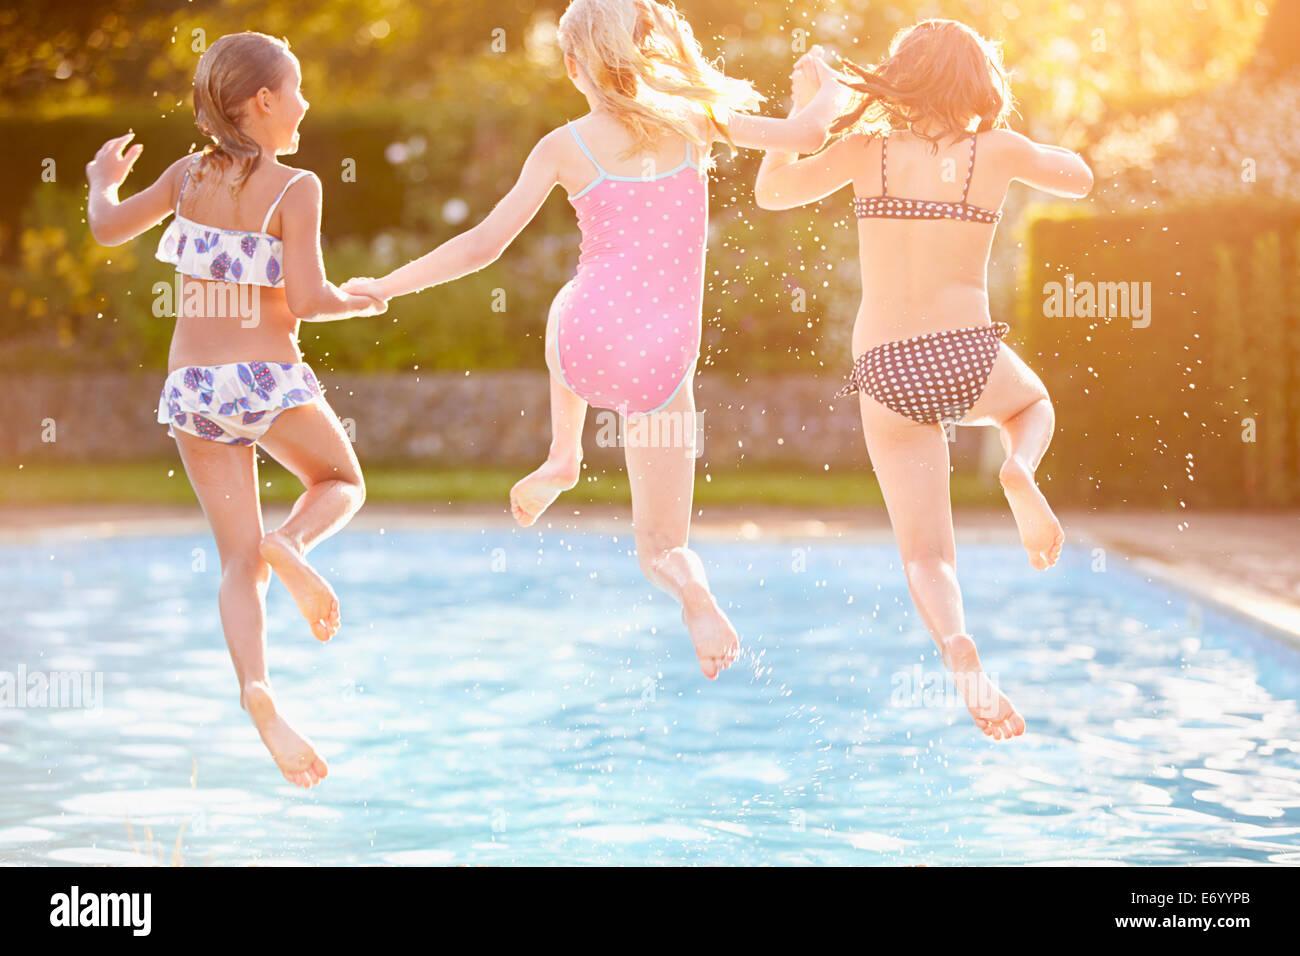 Un gruppo di ragazze a giocare in Piscina esterna Immagini Stock